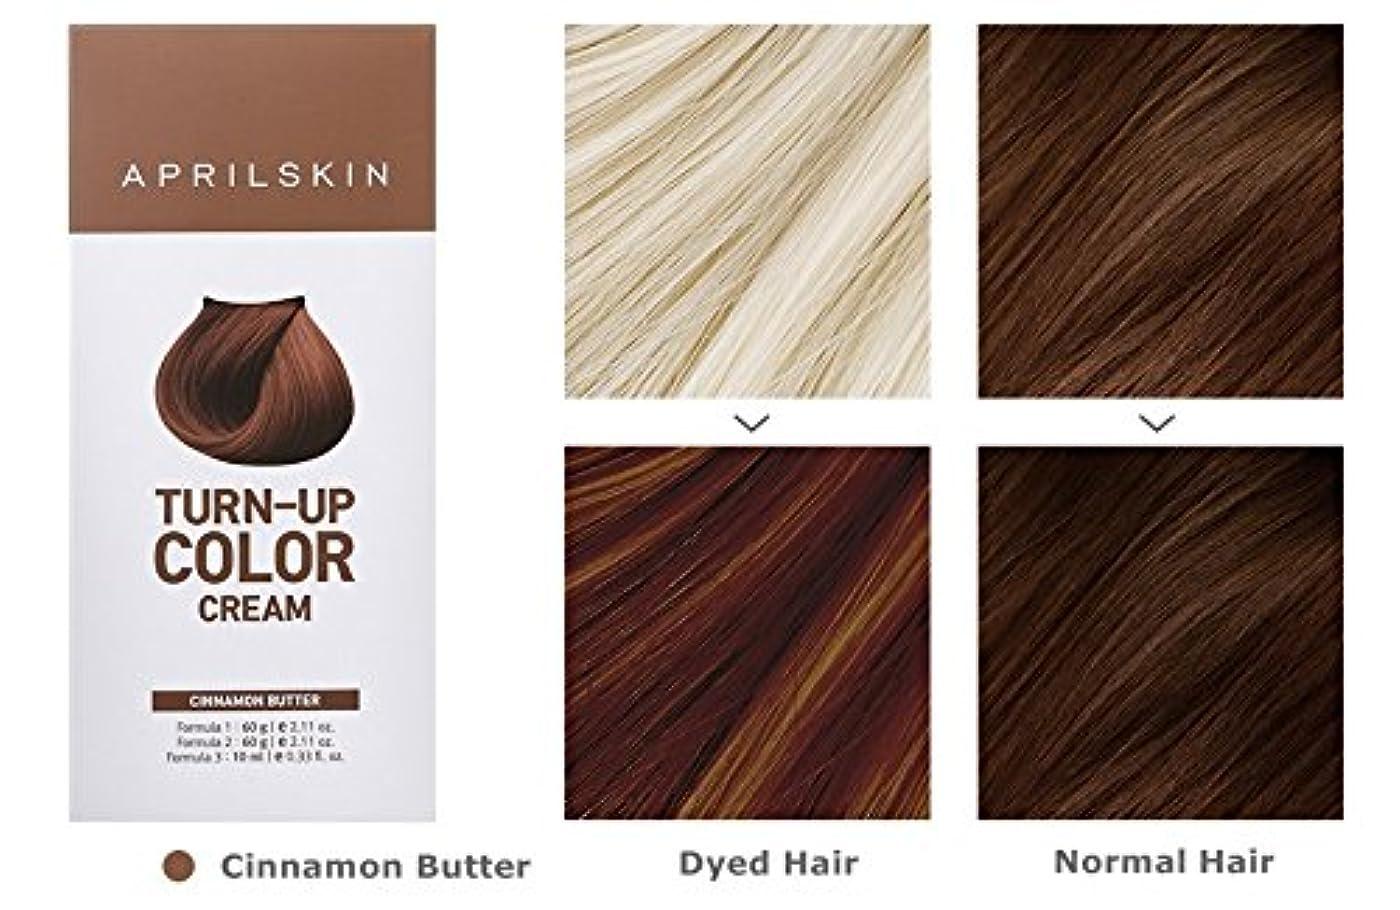 代表するオーディションティッシュApril Skin Turn Up Color Cream Long lasting Texture Type Hair Dye エイプリルスキン ターンアップカラークリーム長持ちテクスチャタイプヘアダイ (紅)